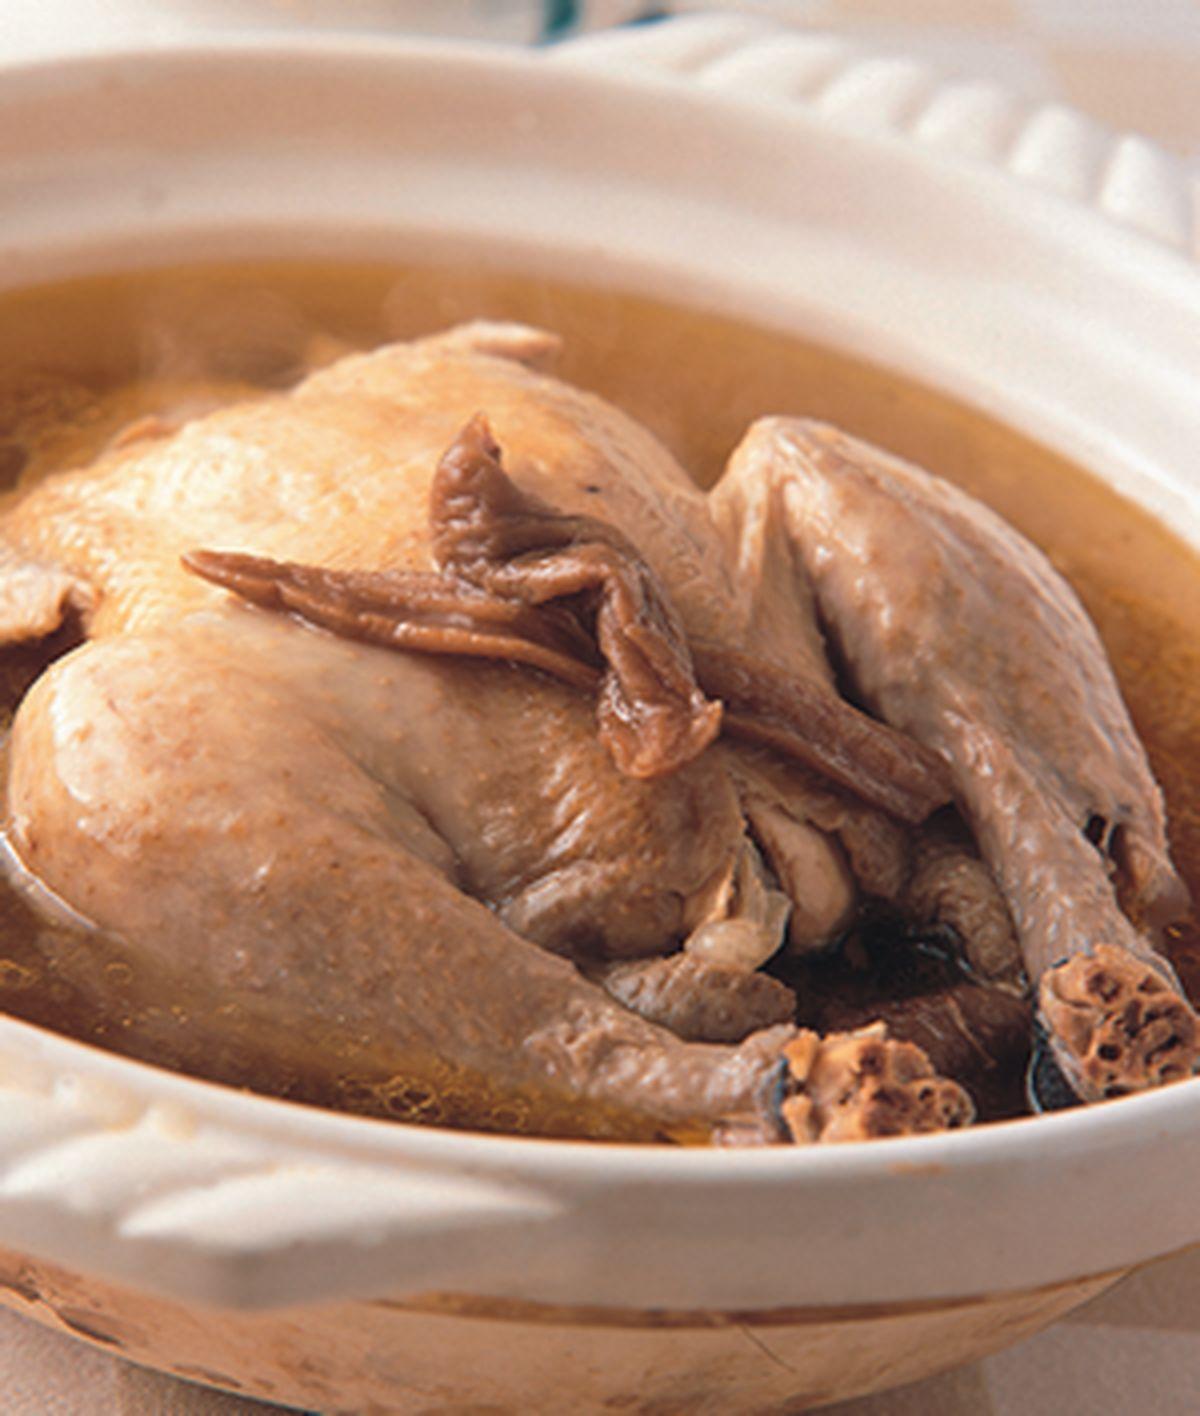 食譜:老蘿蔔乾雞湯